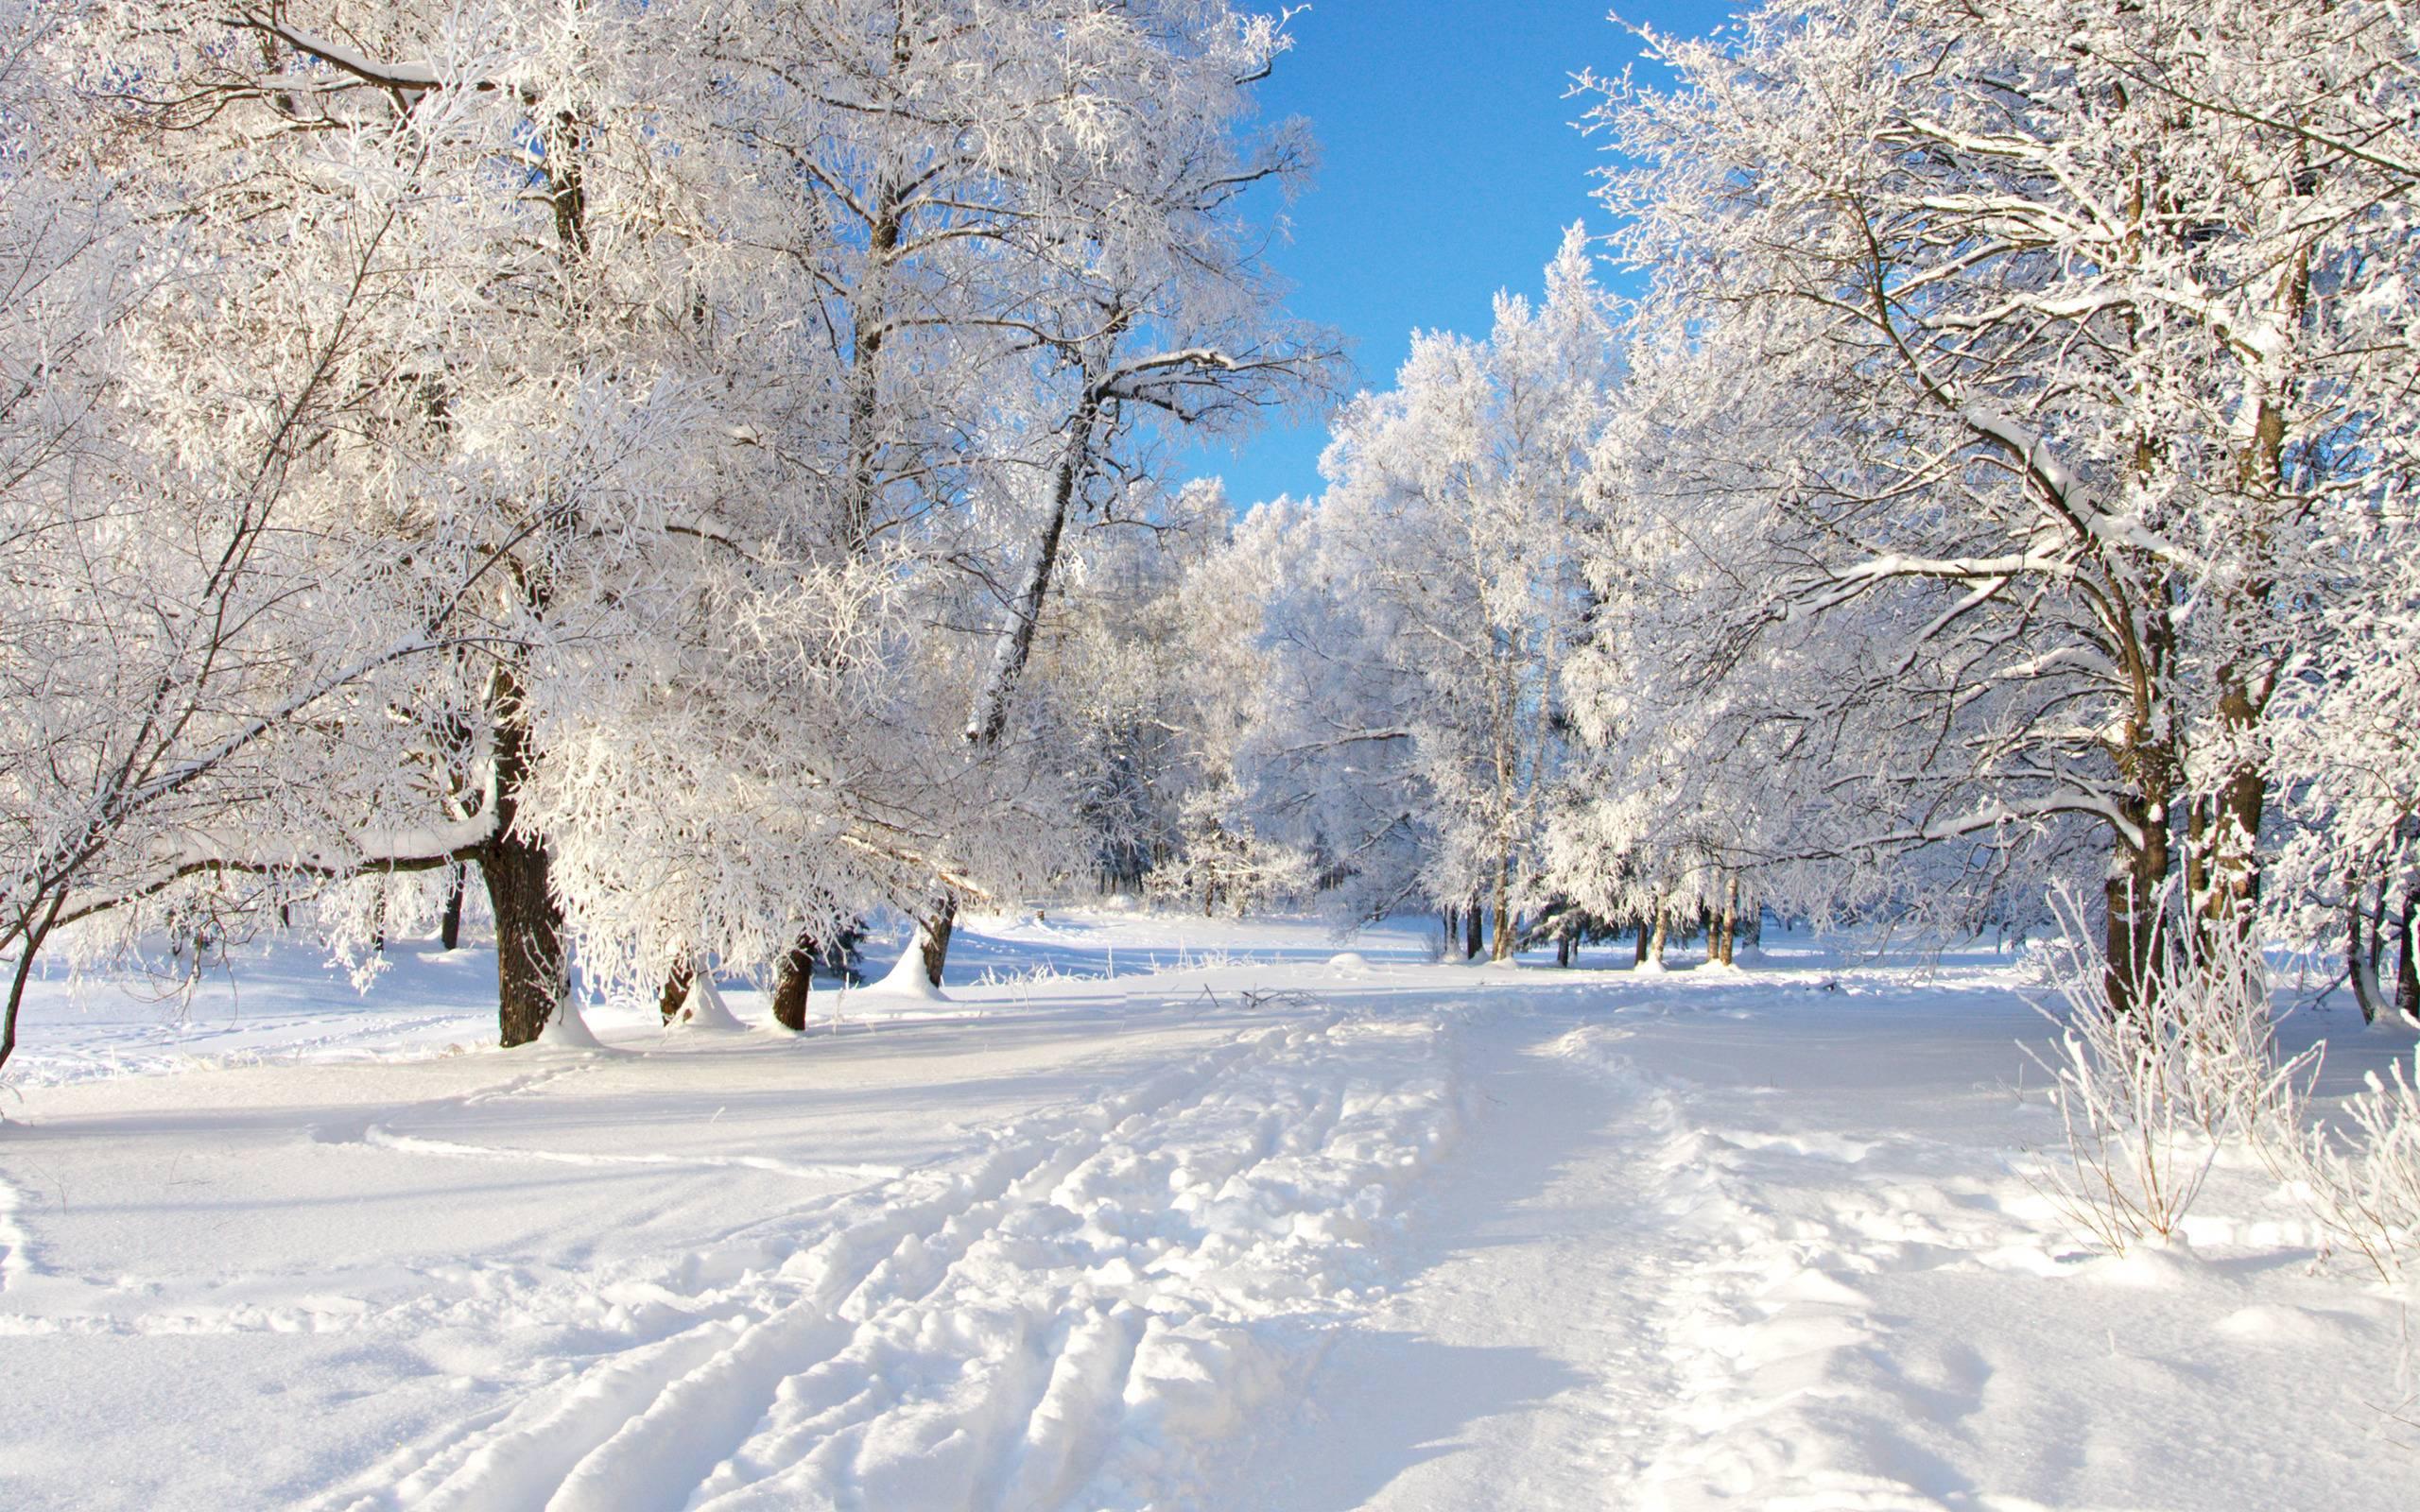 snow landscape backgrounds - photo #6